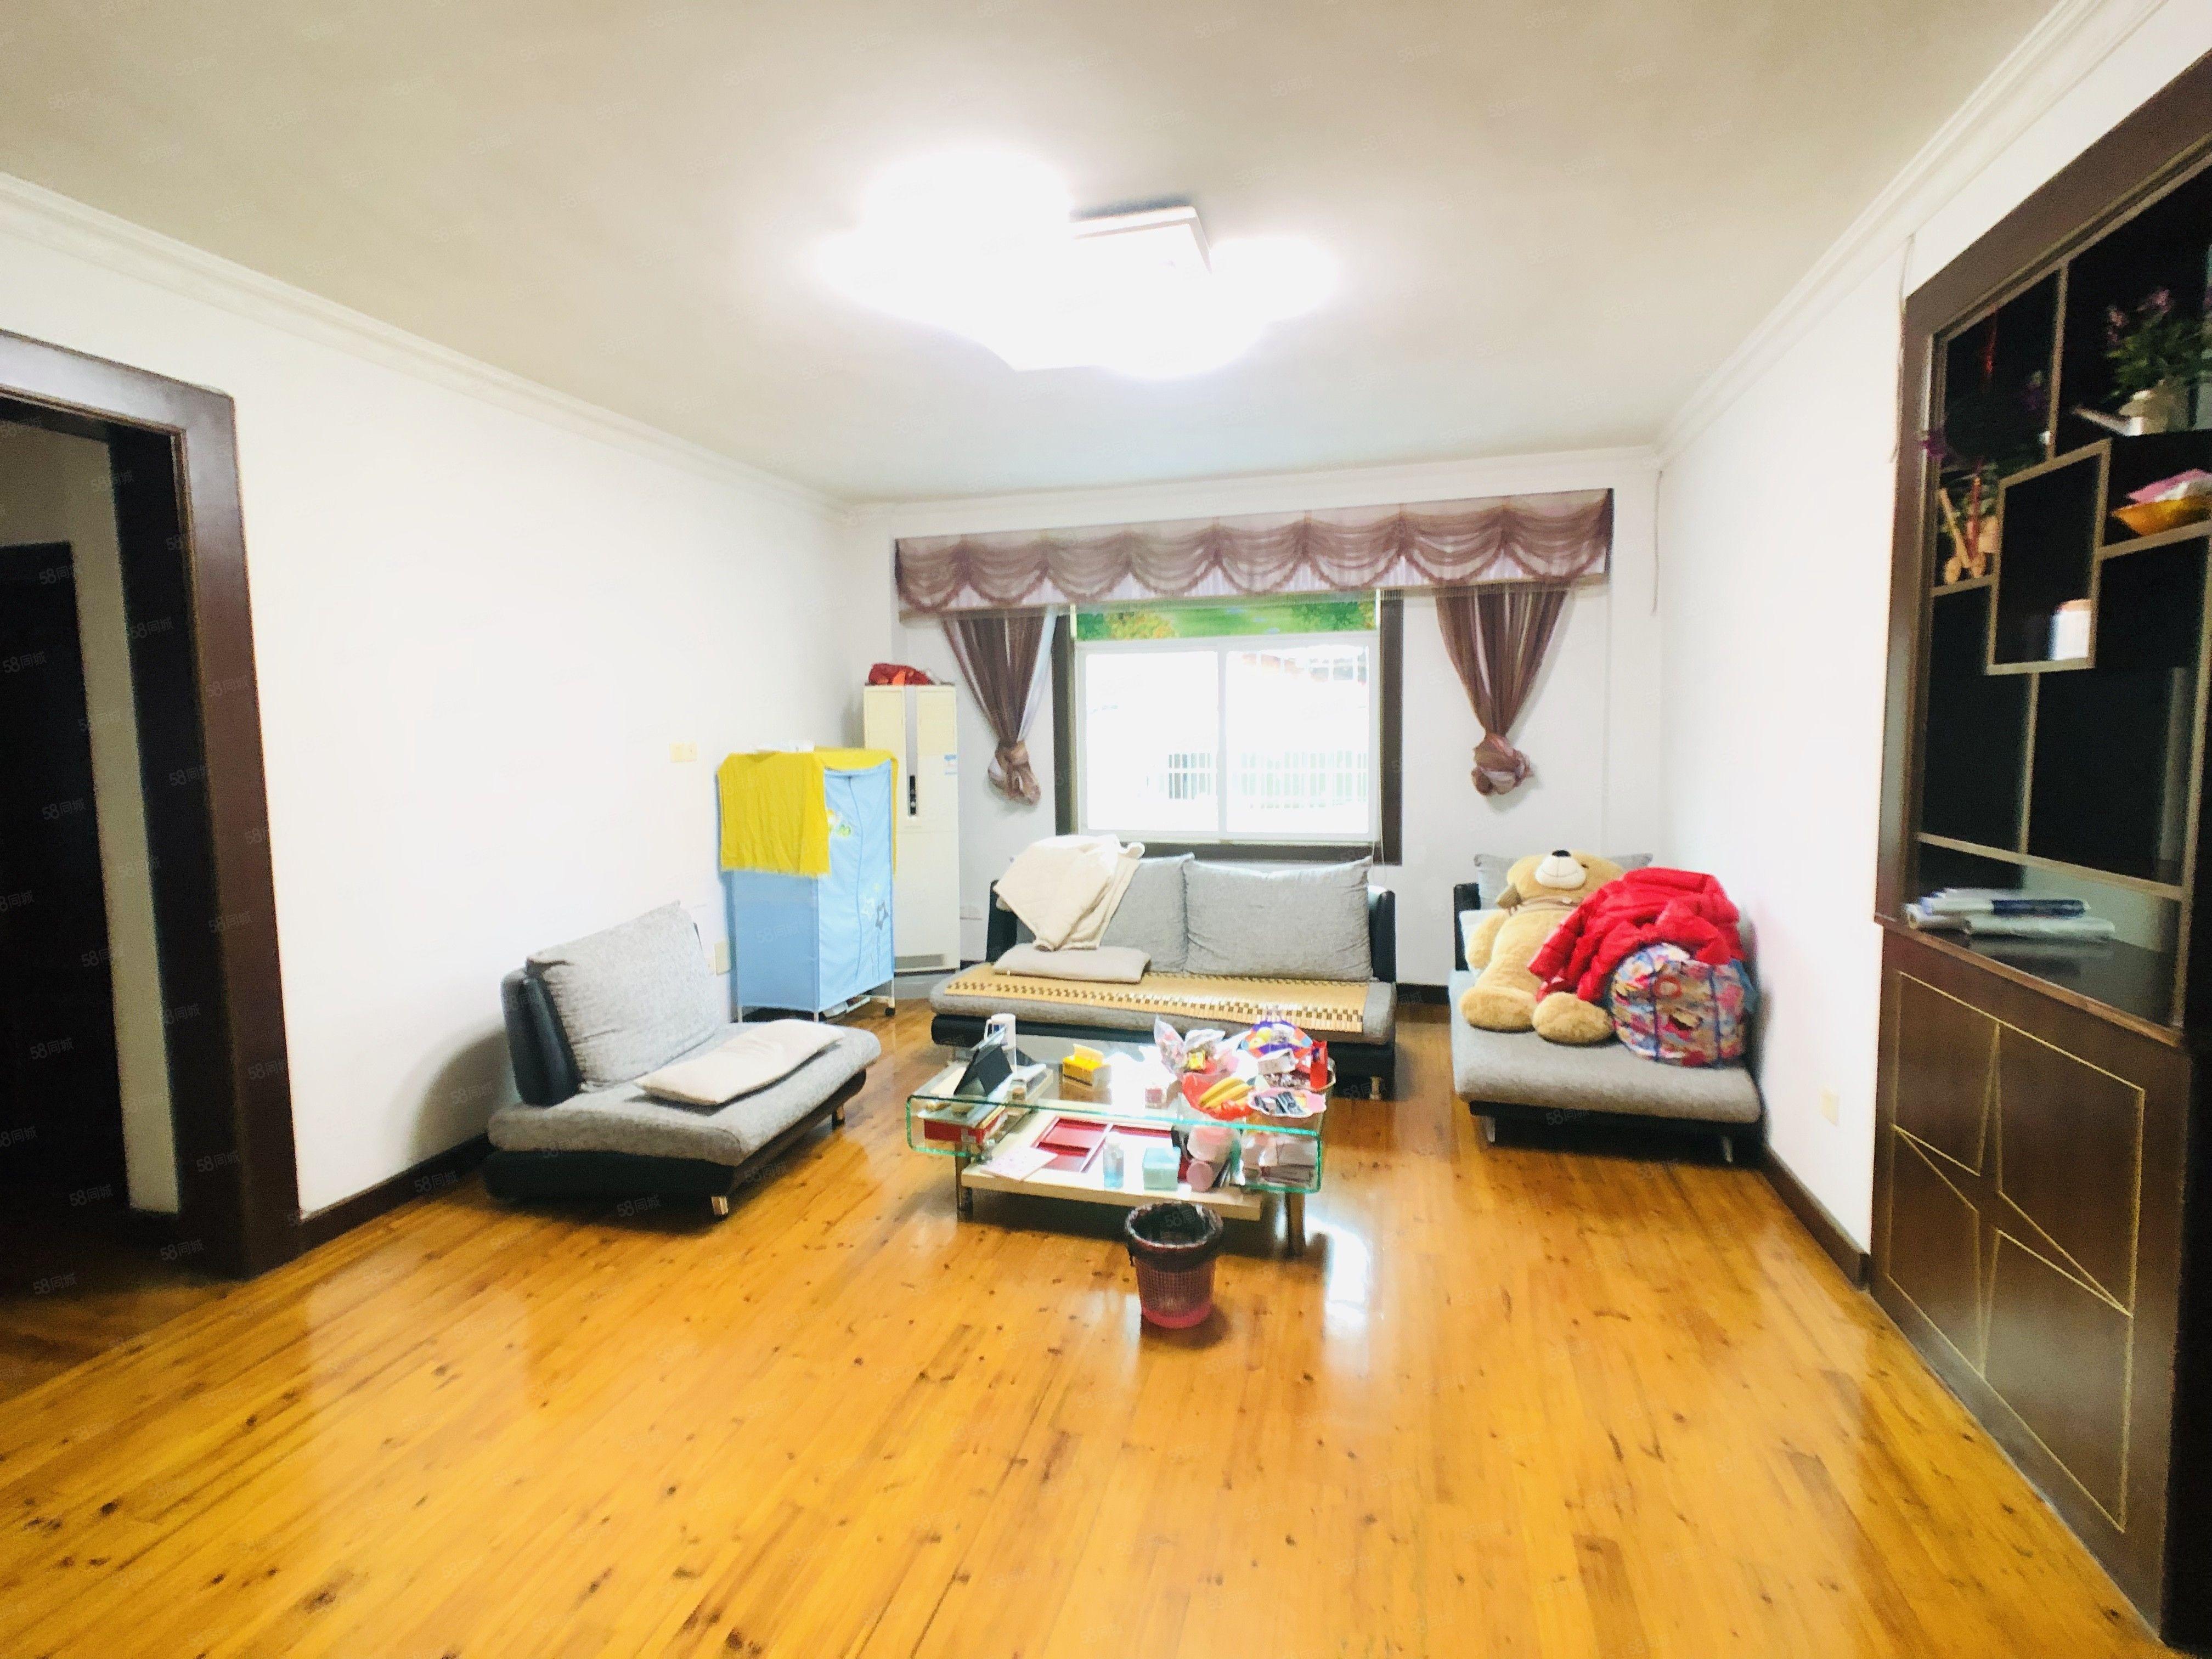 华清楼,三面采光,四室两厅两卫,实木装修,拎包入住,127平